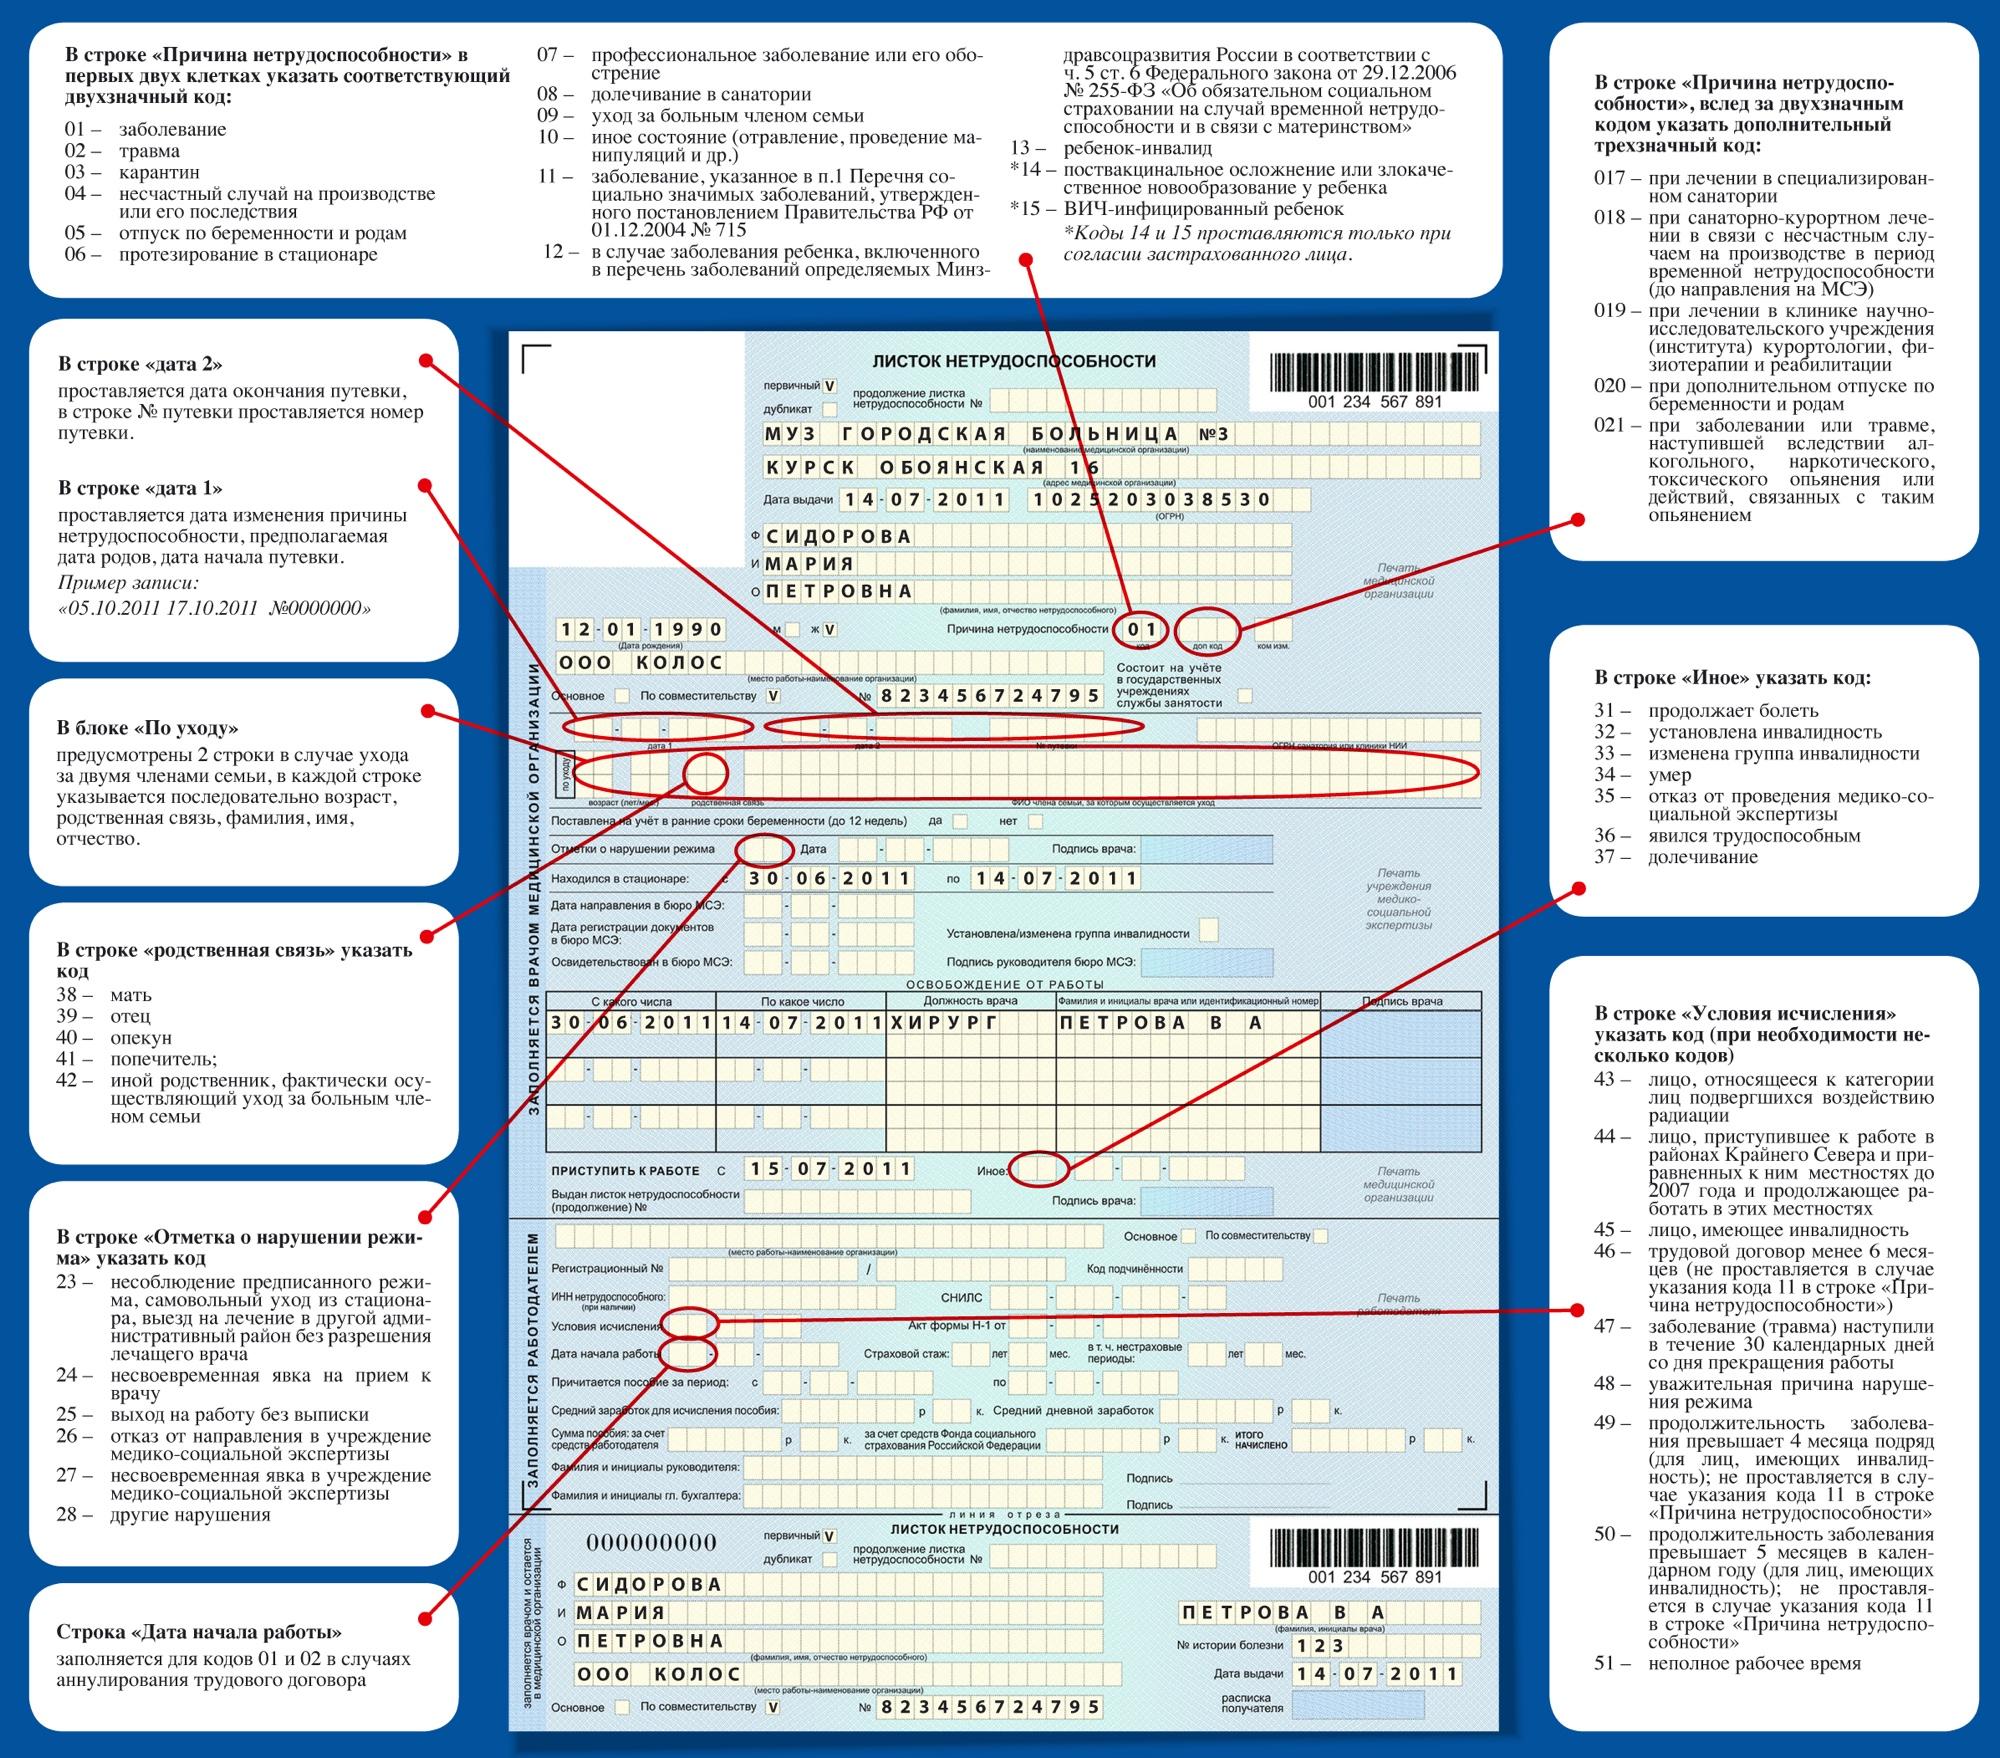 Приказ МЗ РФ №624 об утверждении порядка выдачи листков нетрудоспособности